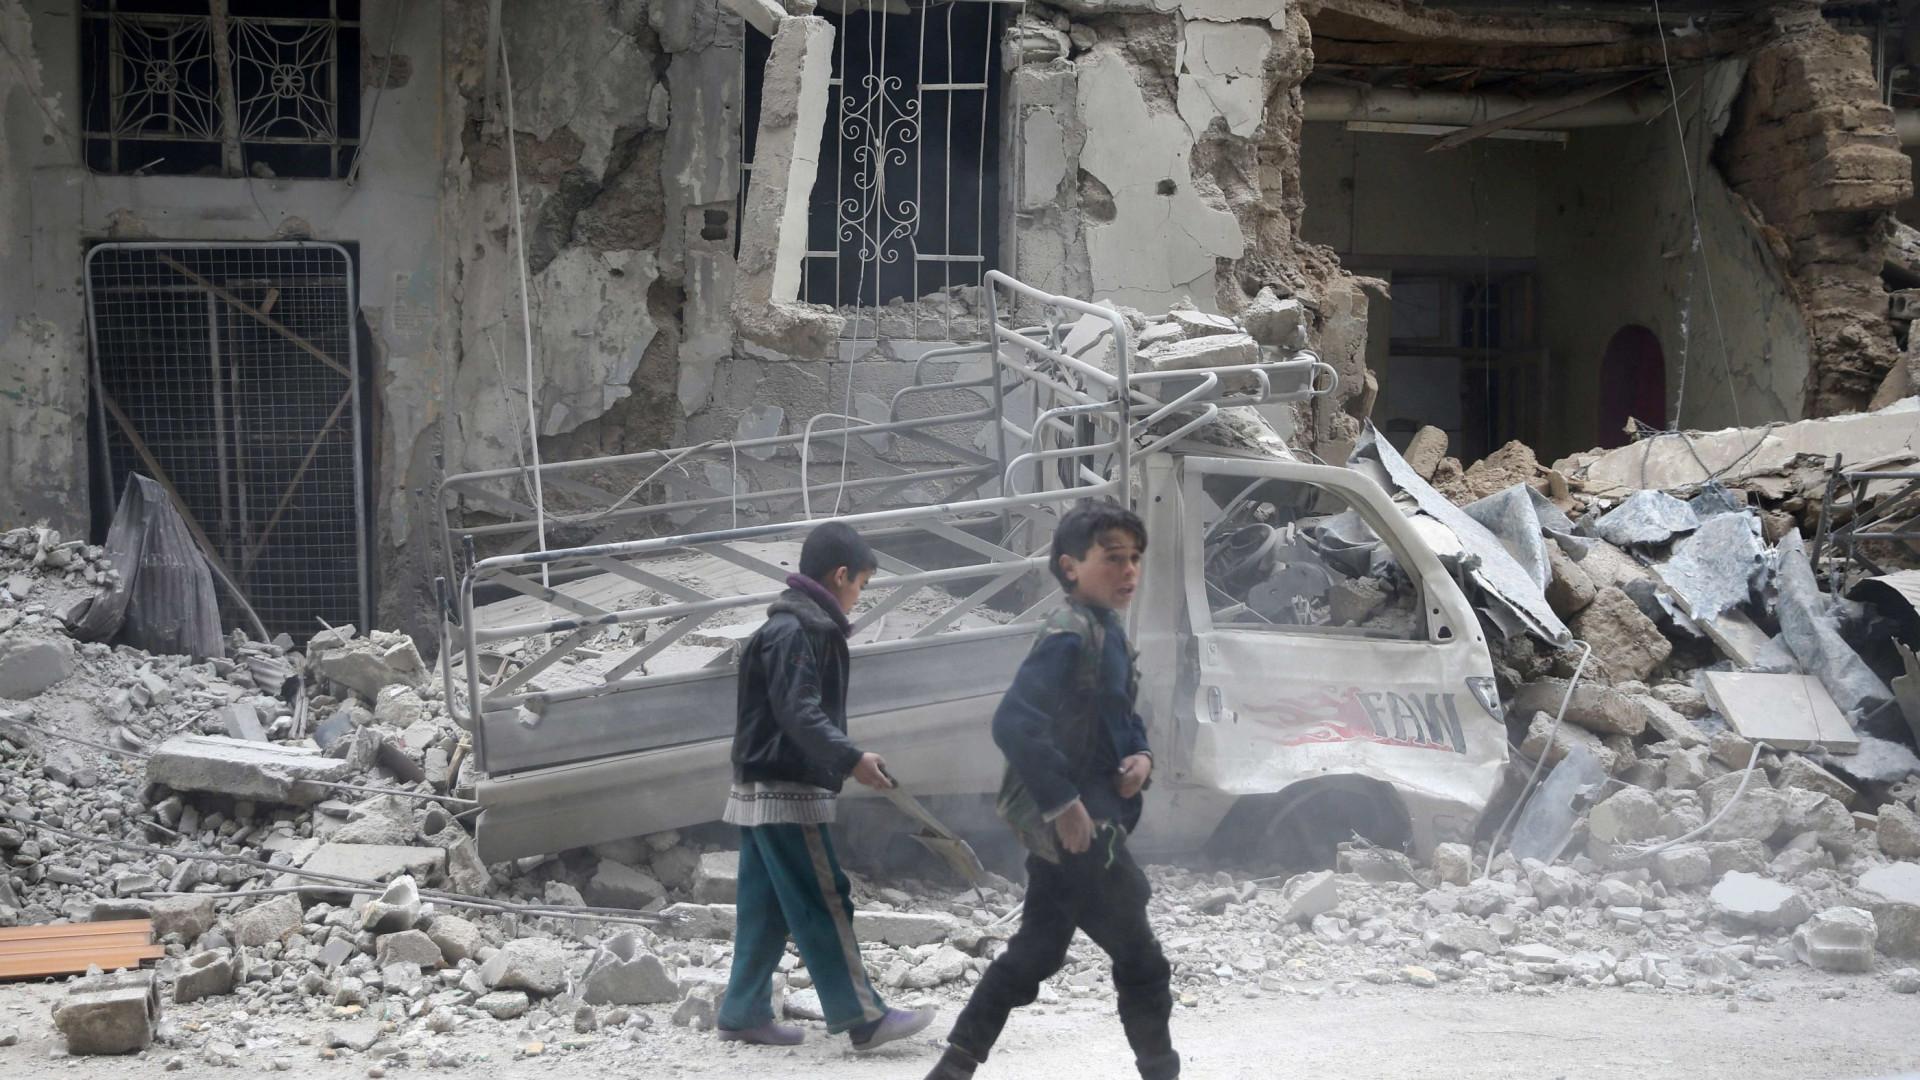 Turquia instala rebeldes de Ghouta no enclave curdo de Afrine